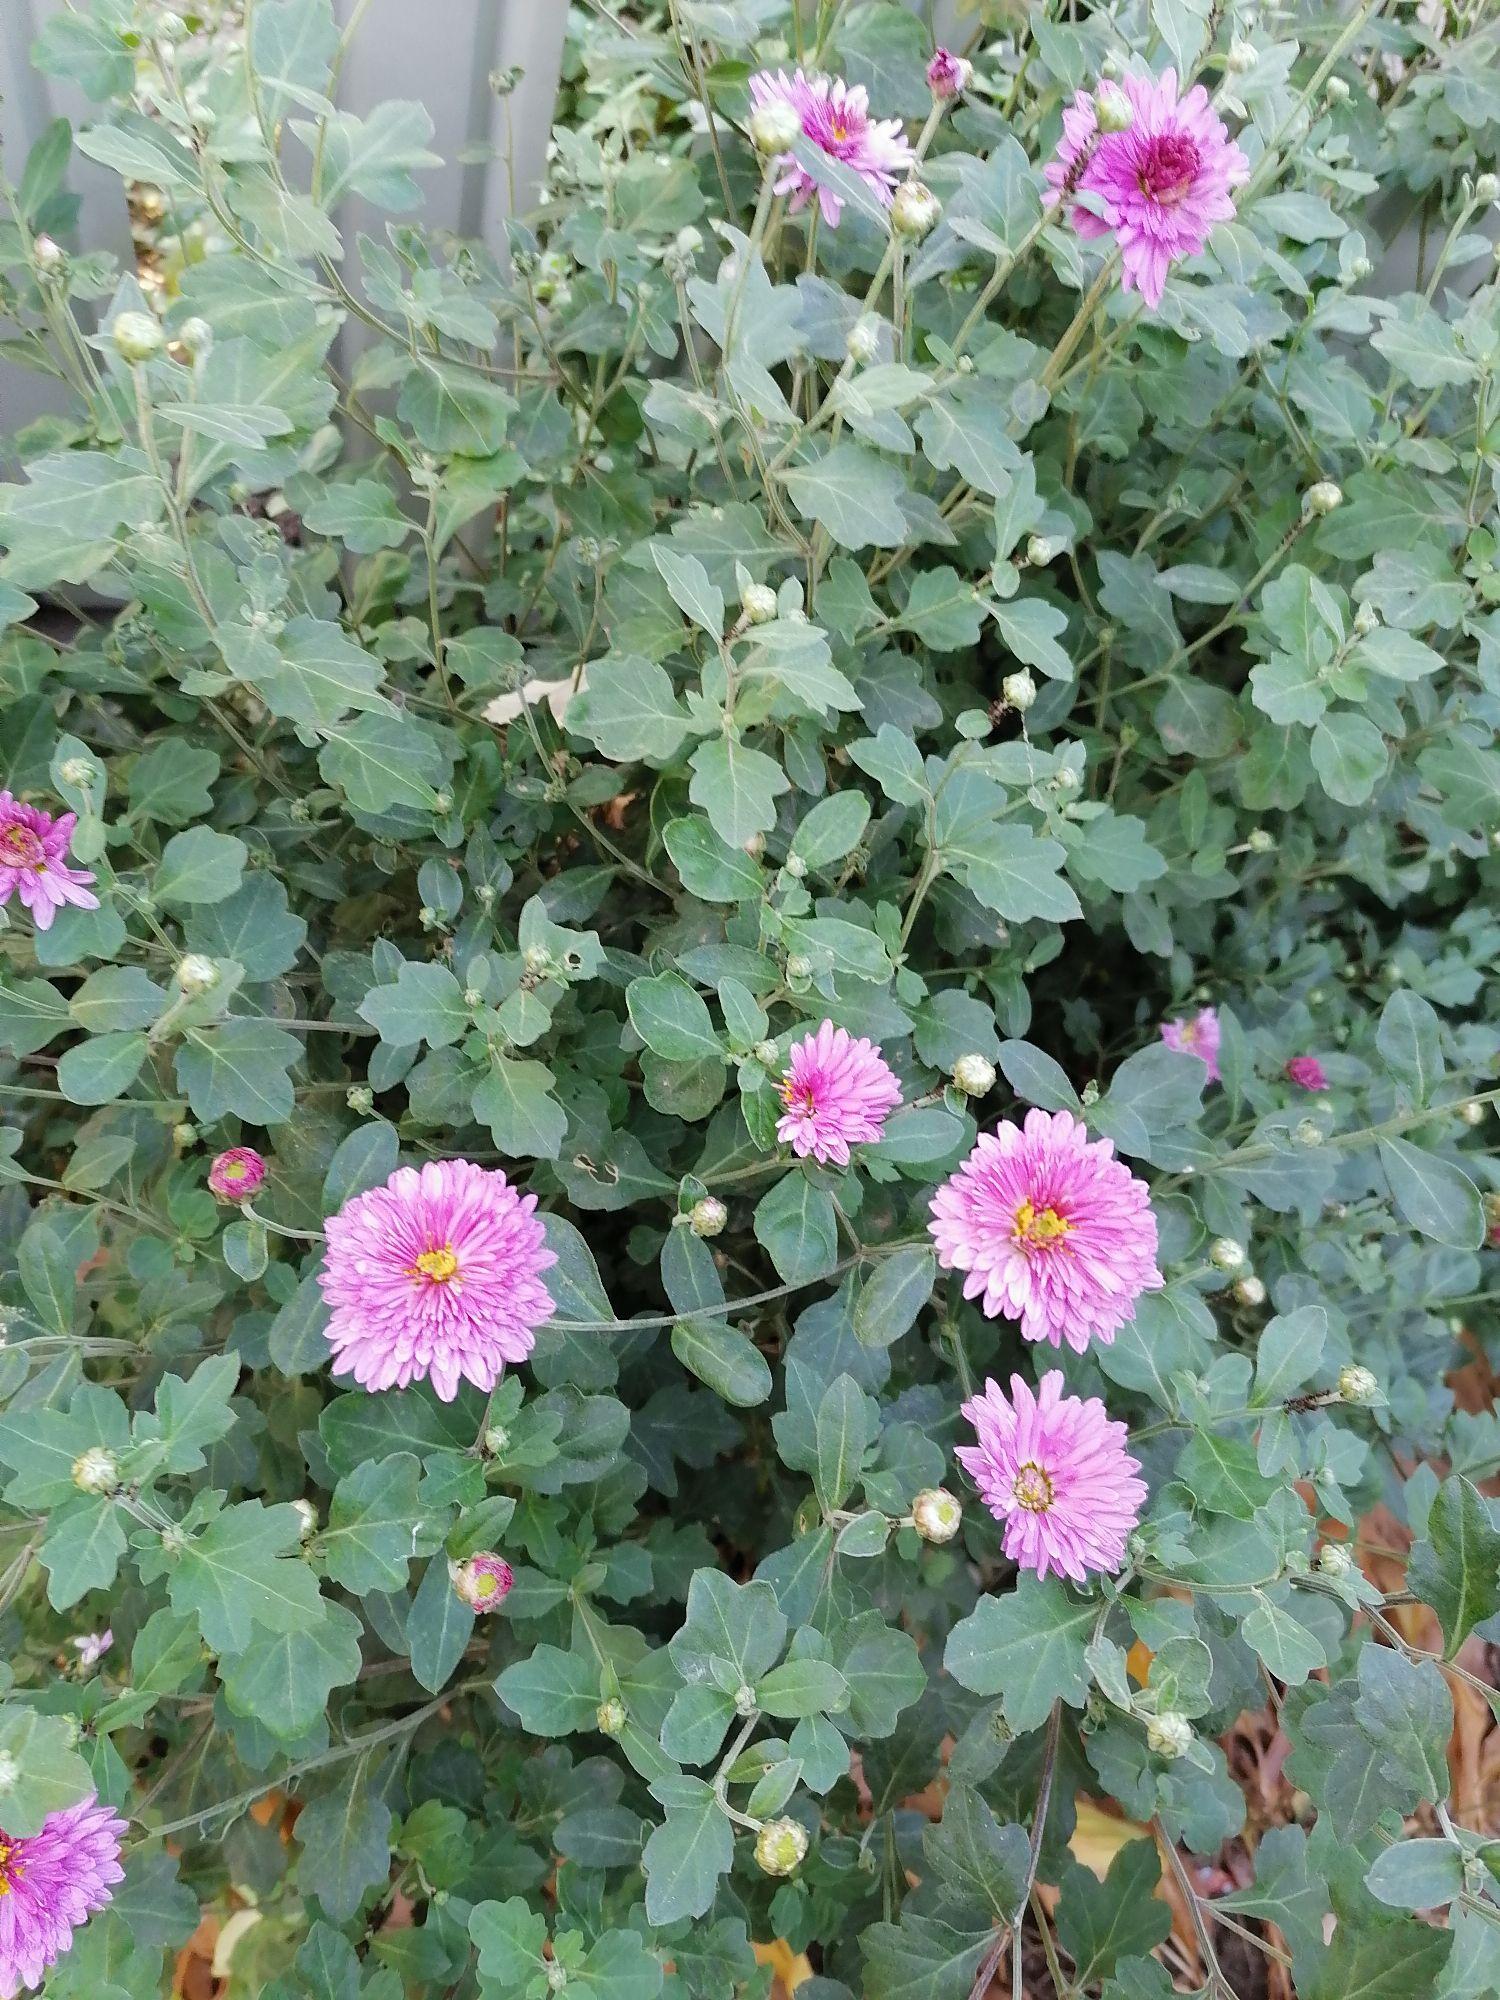 Светлые розовые на длинных стеблях. Стройные, в зелёных листьях. Их запах невесом.